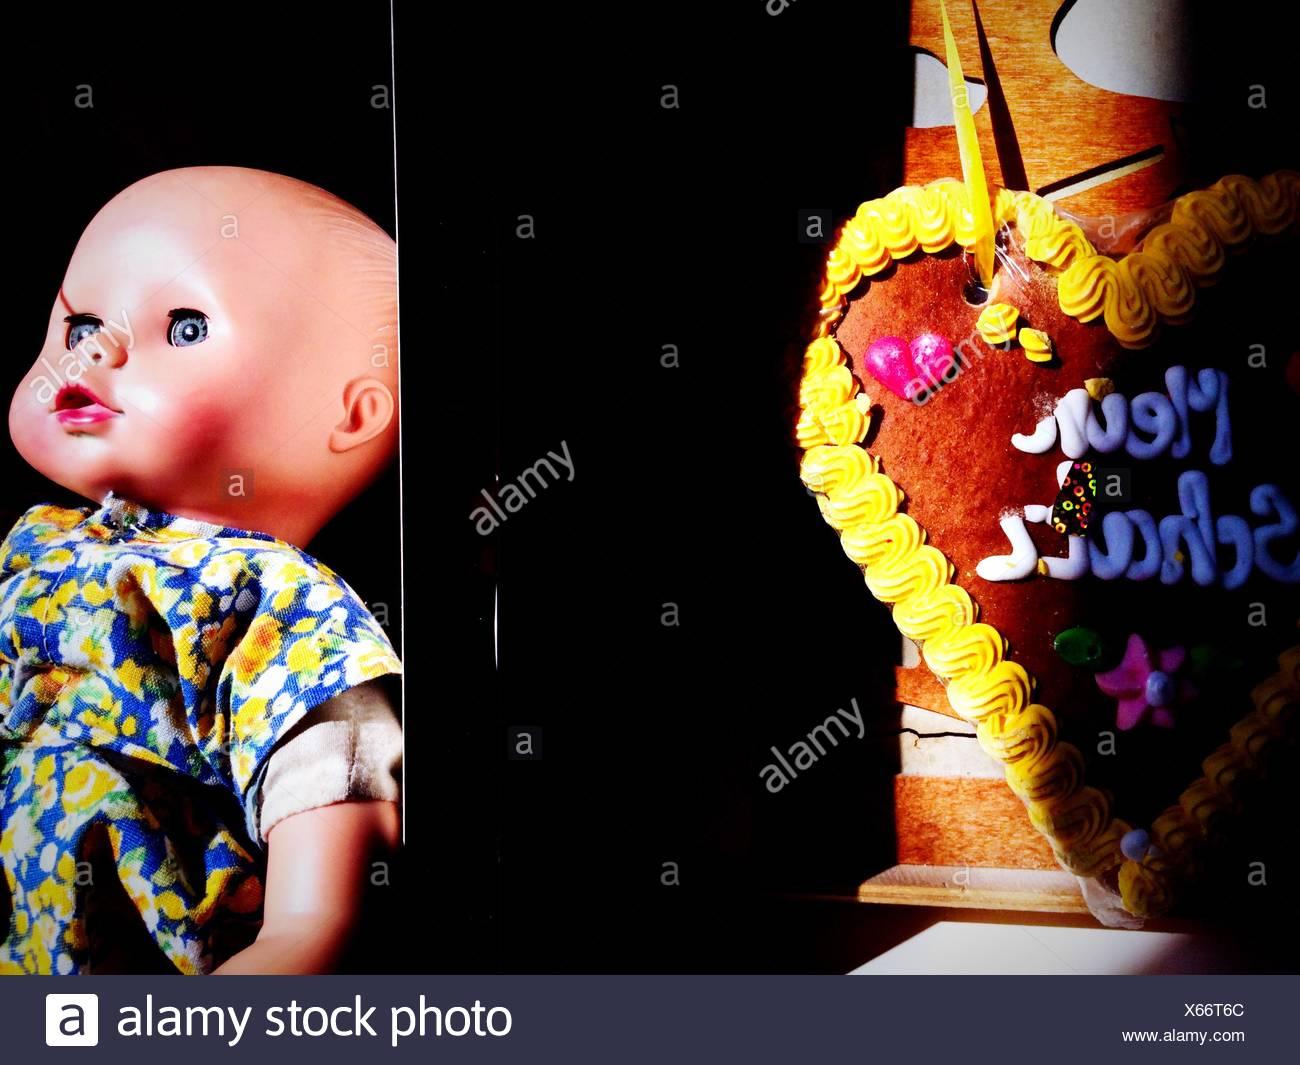 Primer plano de una muñeca sobre fondo negro Imagen De Stock